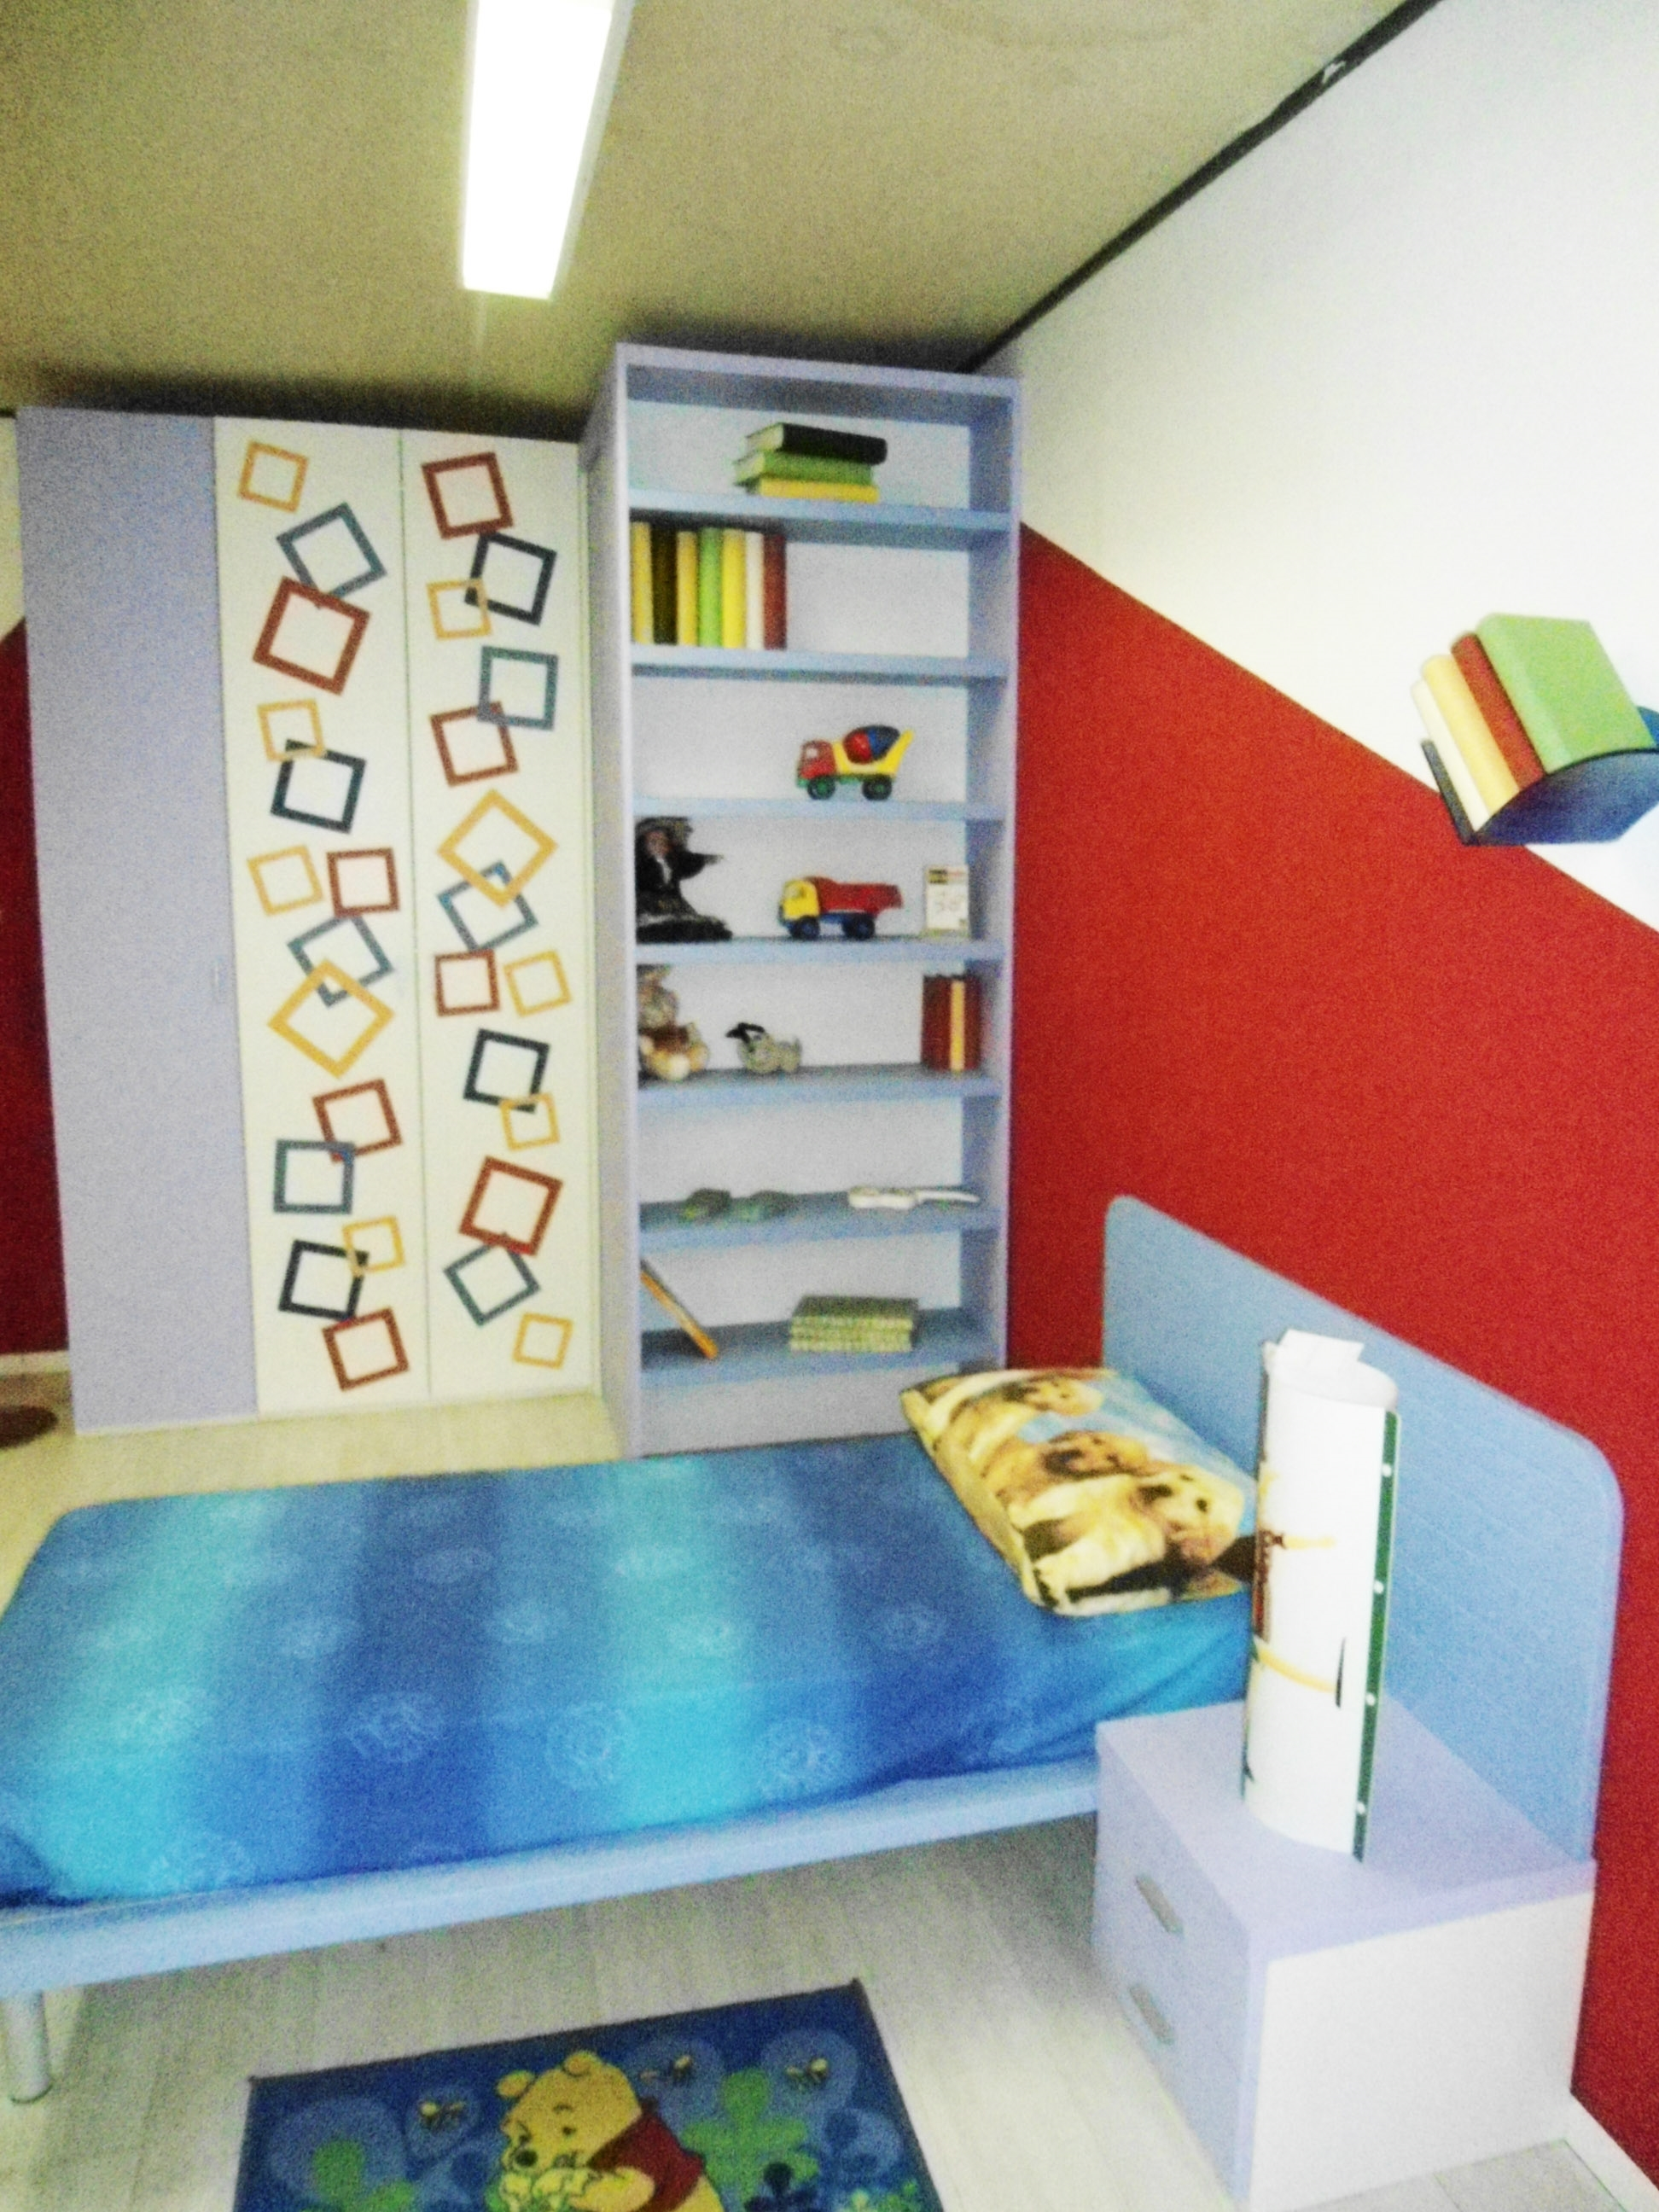 Camerette fly camerette camere per ragazzi non solo - Camerete per bambini ...